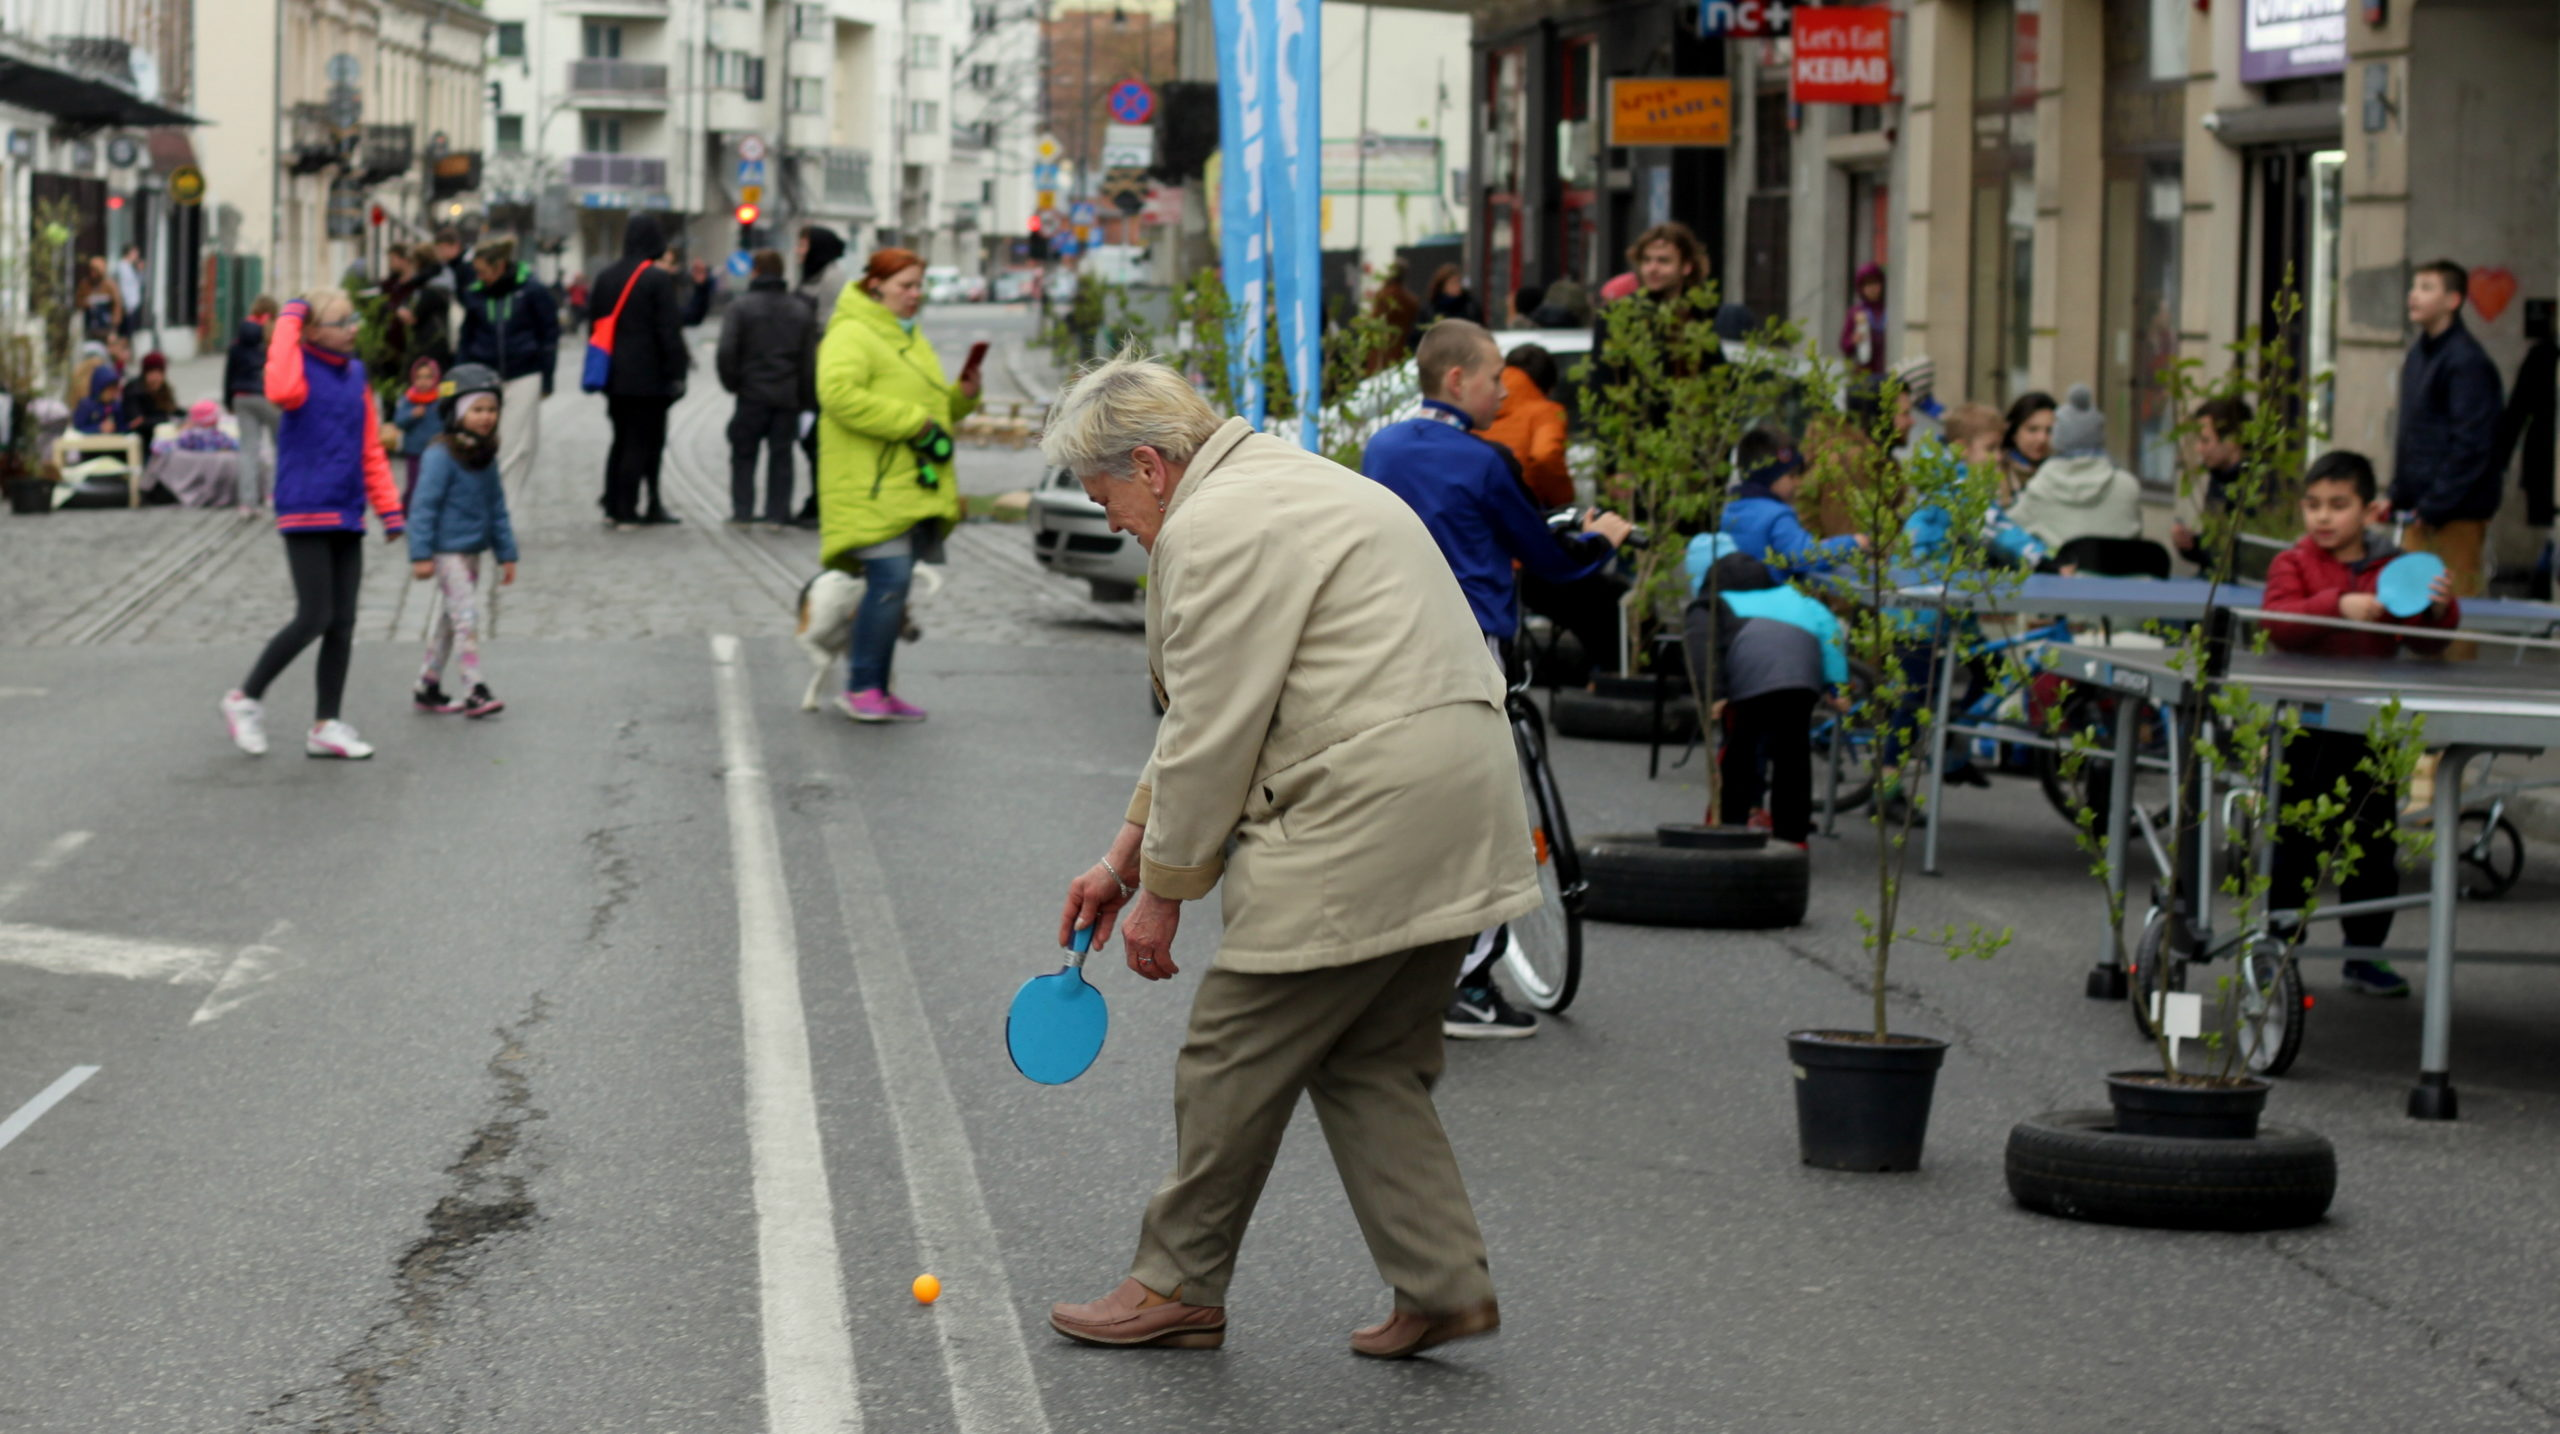 ulice Ząbkowska i Wileńska, Żywa Ulica w Warszawie, rok 2017, fot. Anna Pomichowska